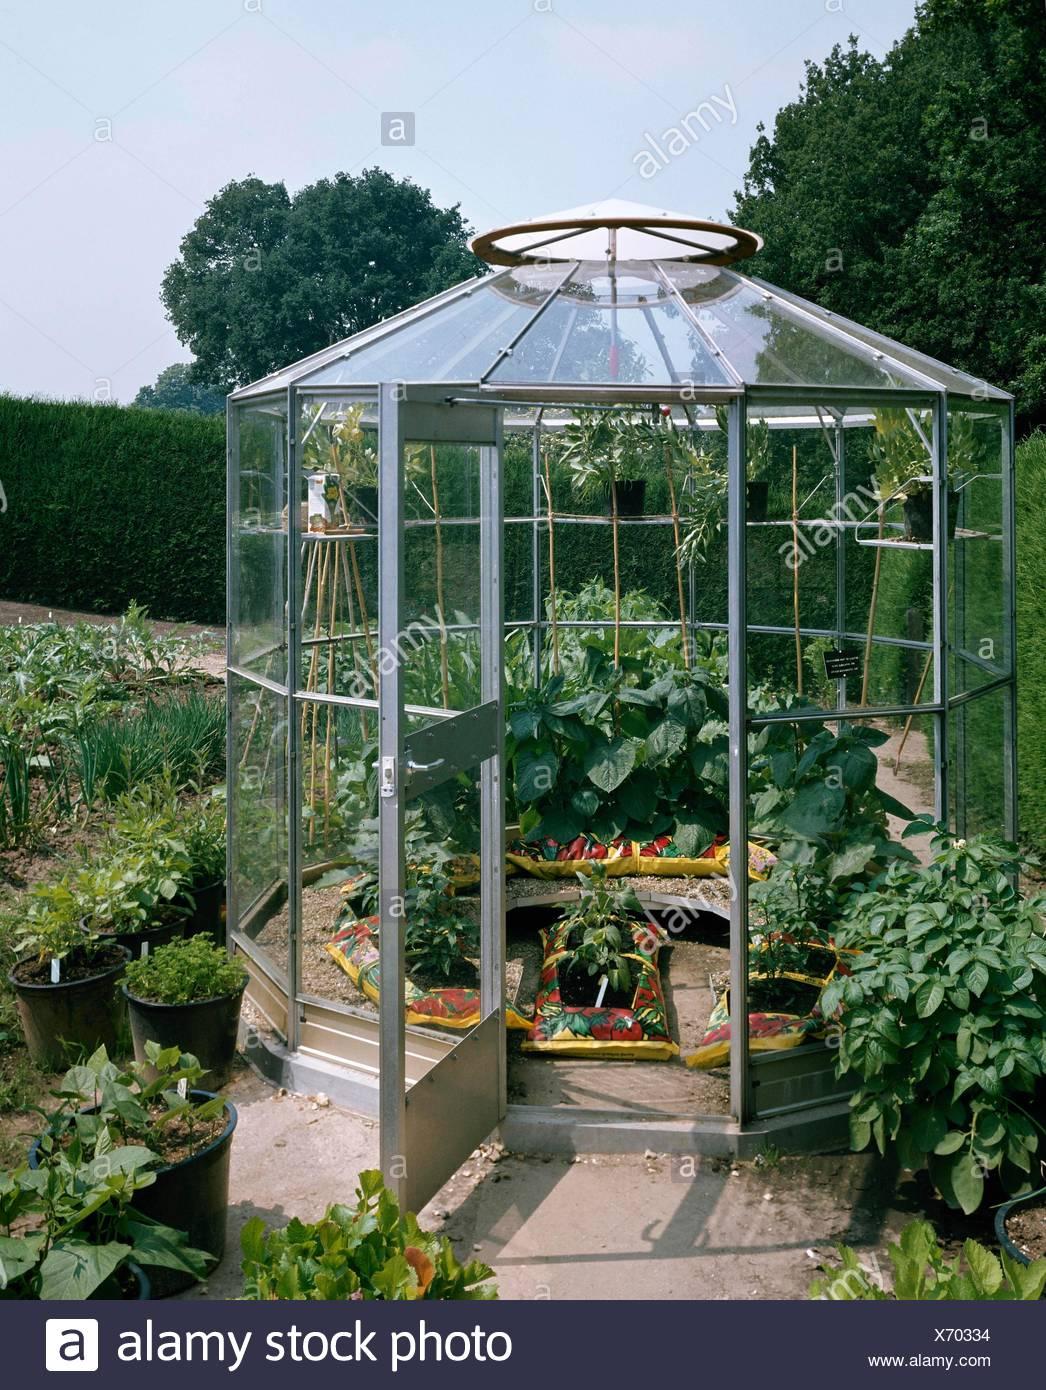 Octagonal Greenhouse Stock Photos & Octagonal Greenhouse Stock